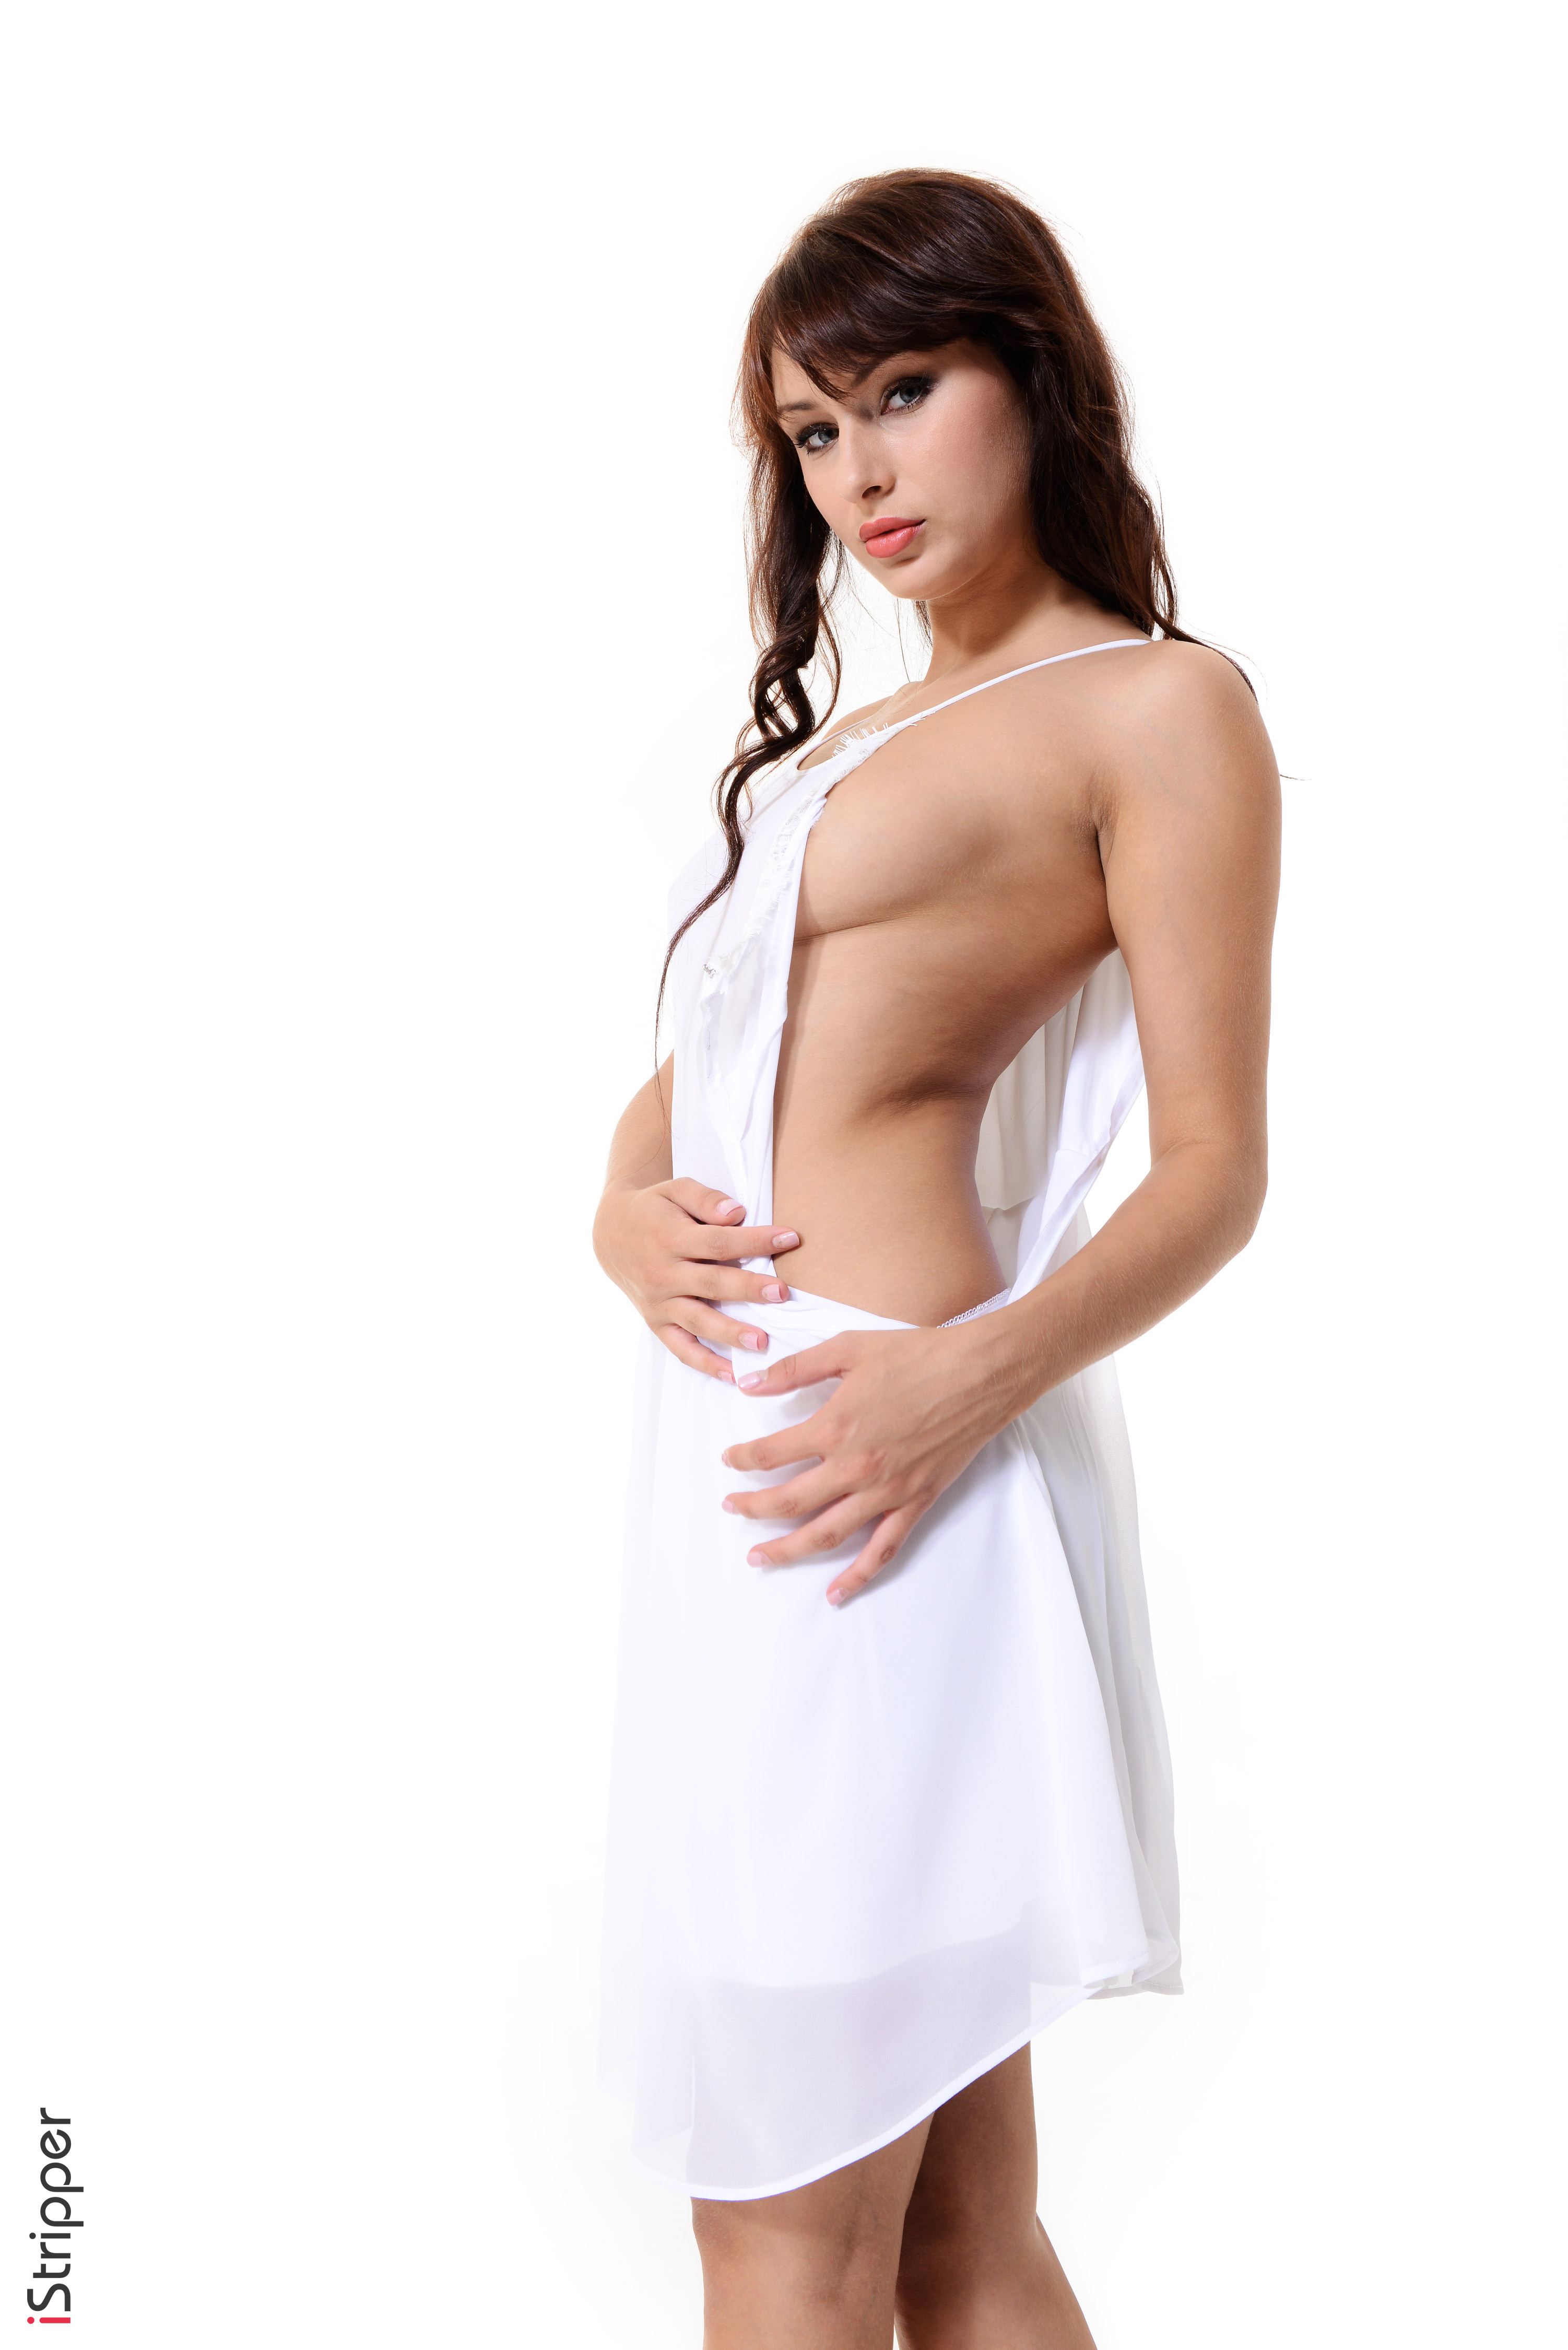 hot redhead girls stripping pornhub